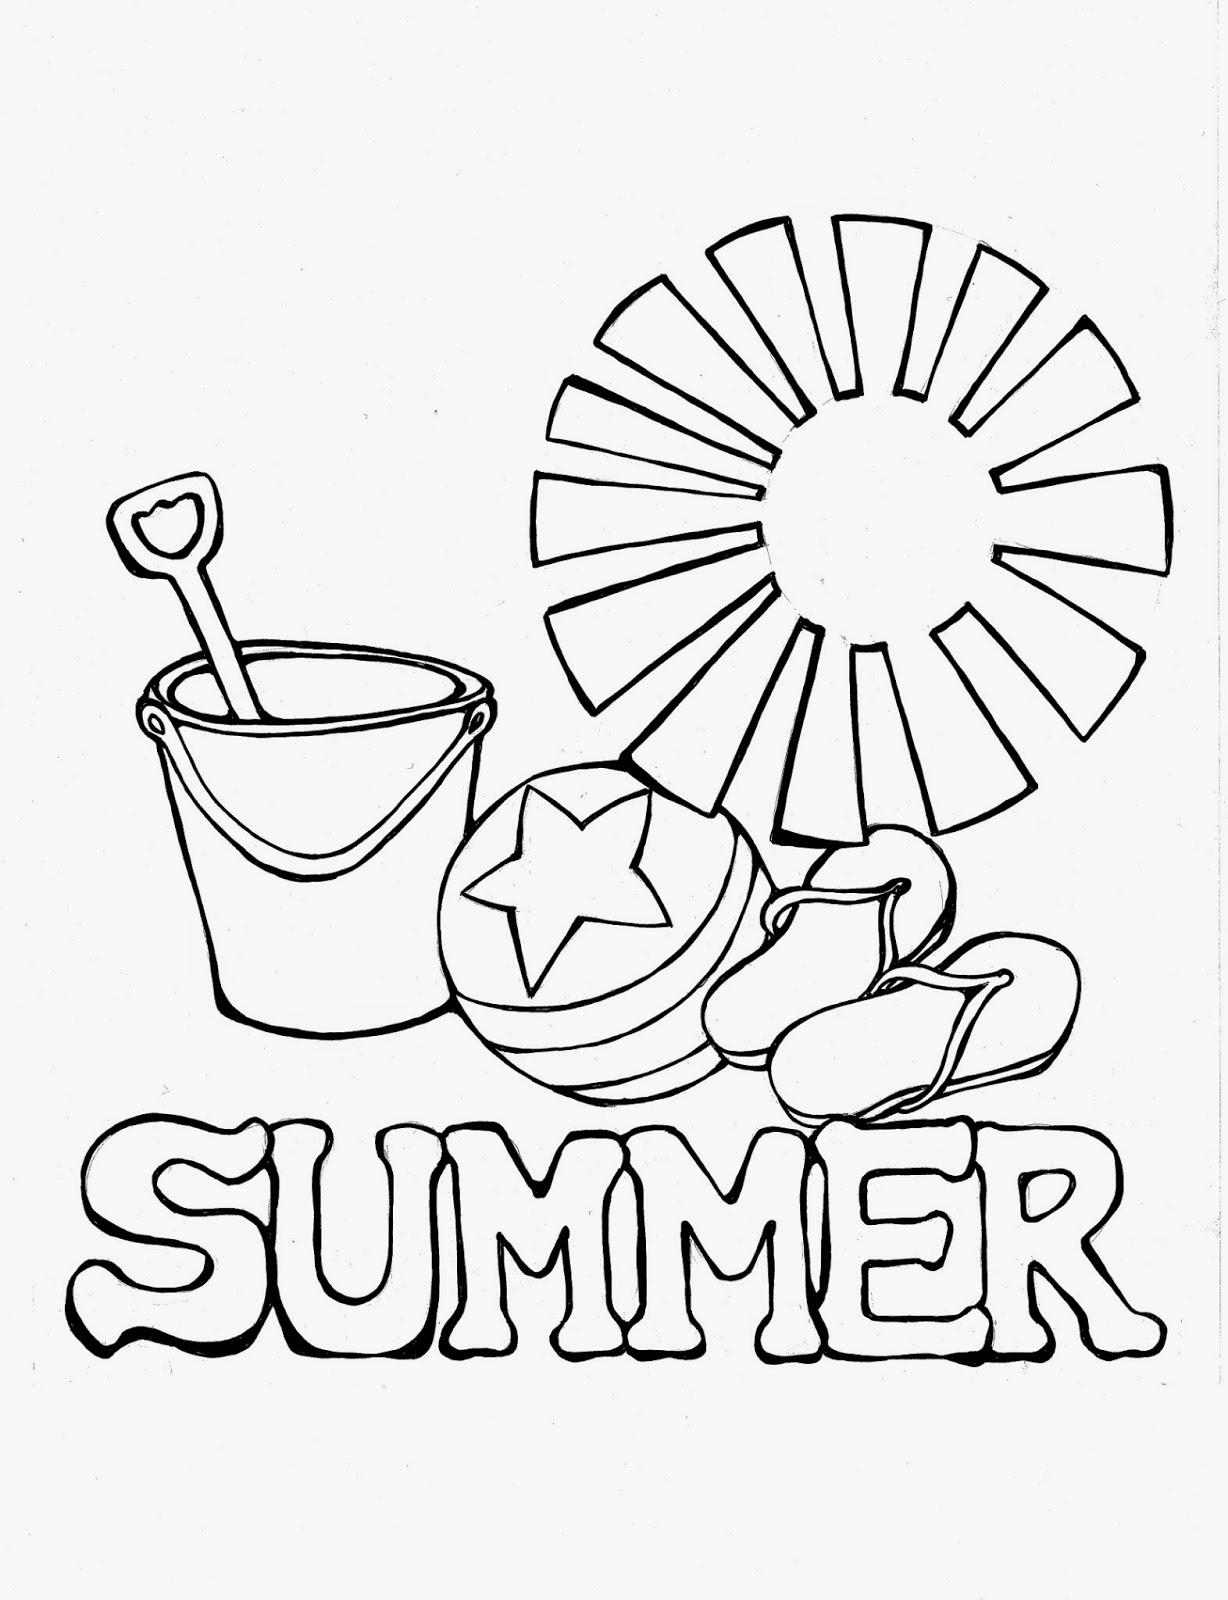 summer coloring sheets 4